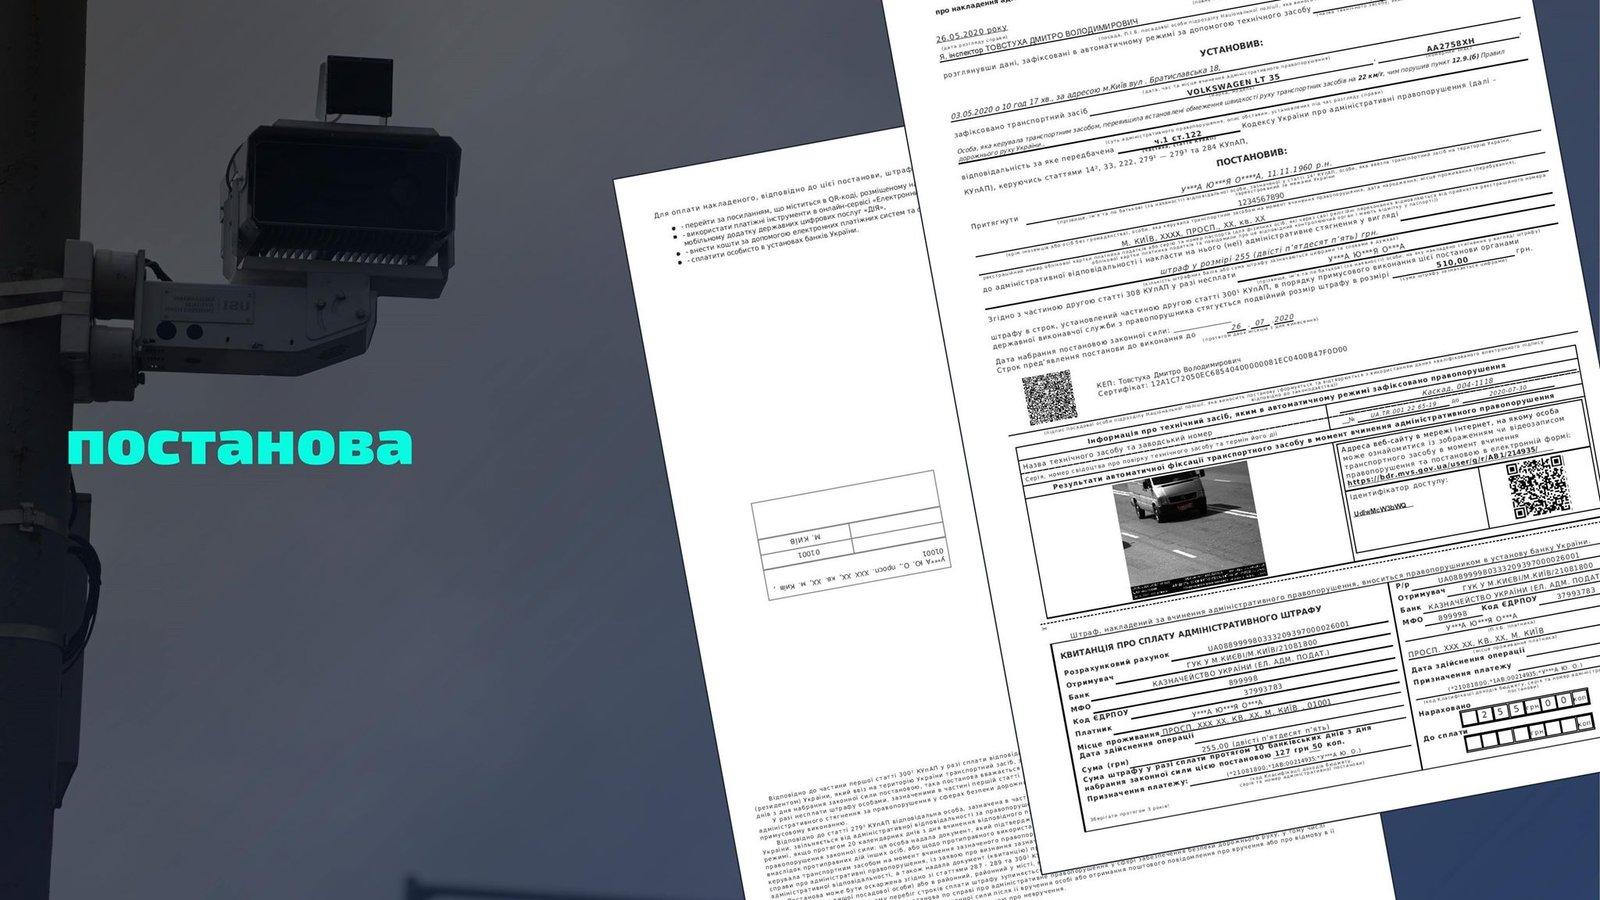 """Відеофіксація порушень ПДР: як працюють камери та хто отримуватиме """"листи щастя"""""""